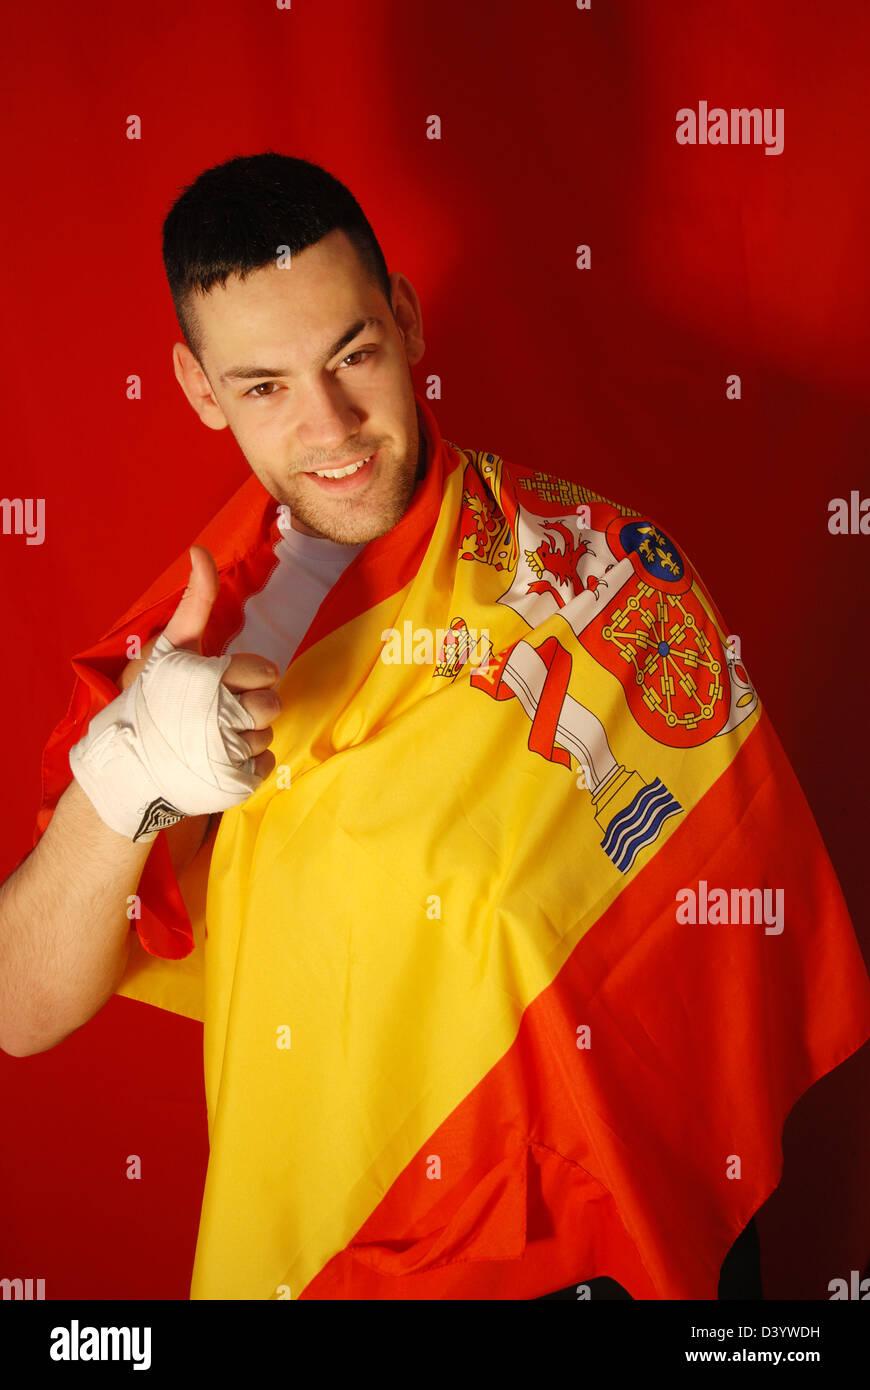 Giovane uomo avvolto in una bandiera spagnola, sorridente e pollice in alto. Immagini Stock